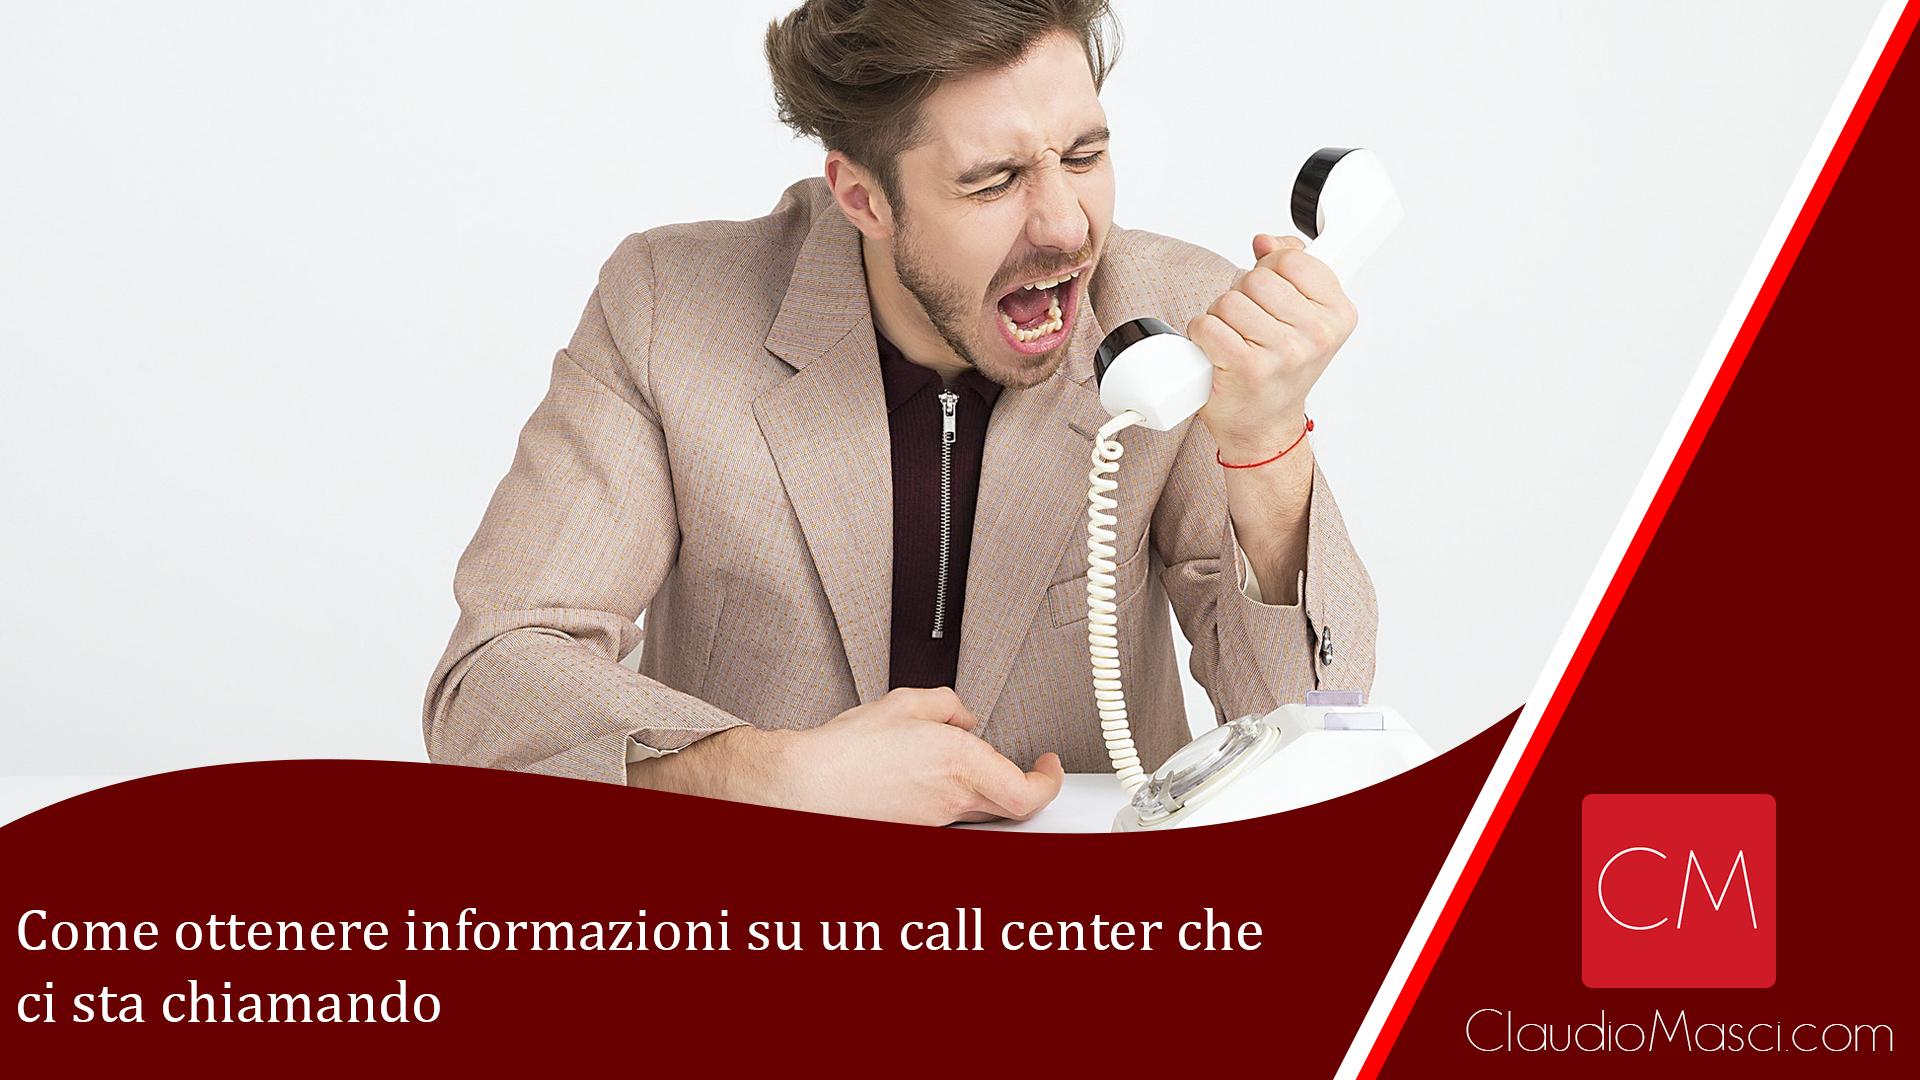 Come ottenere informazioni su un call center che ci sta chiamando